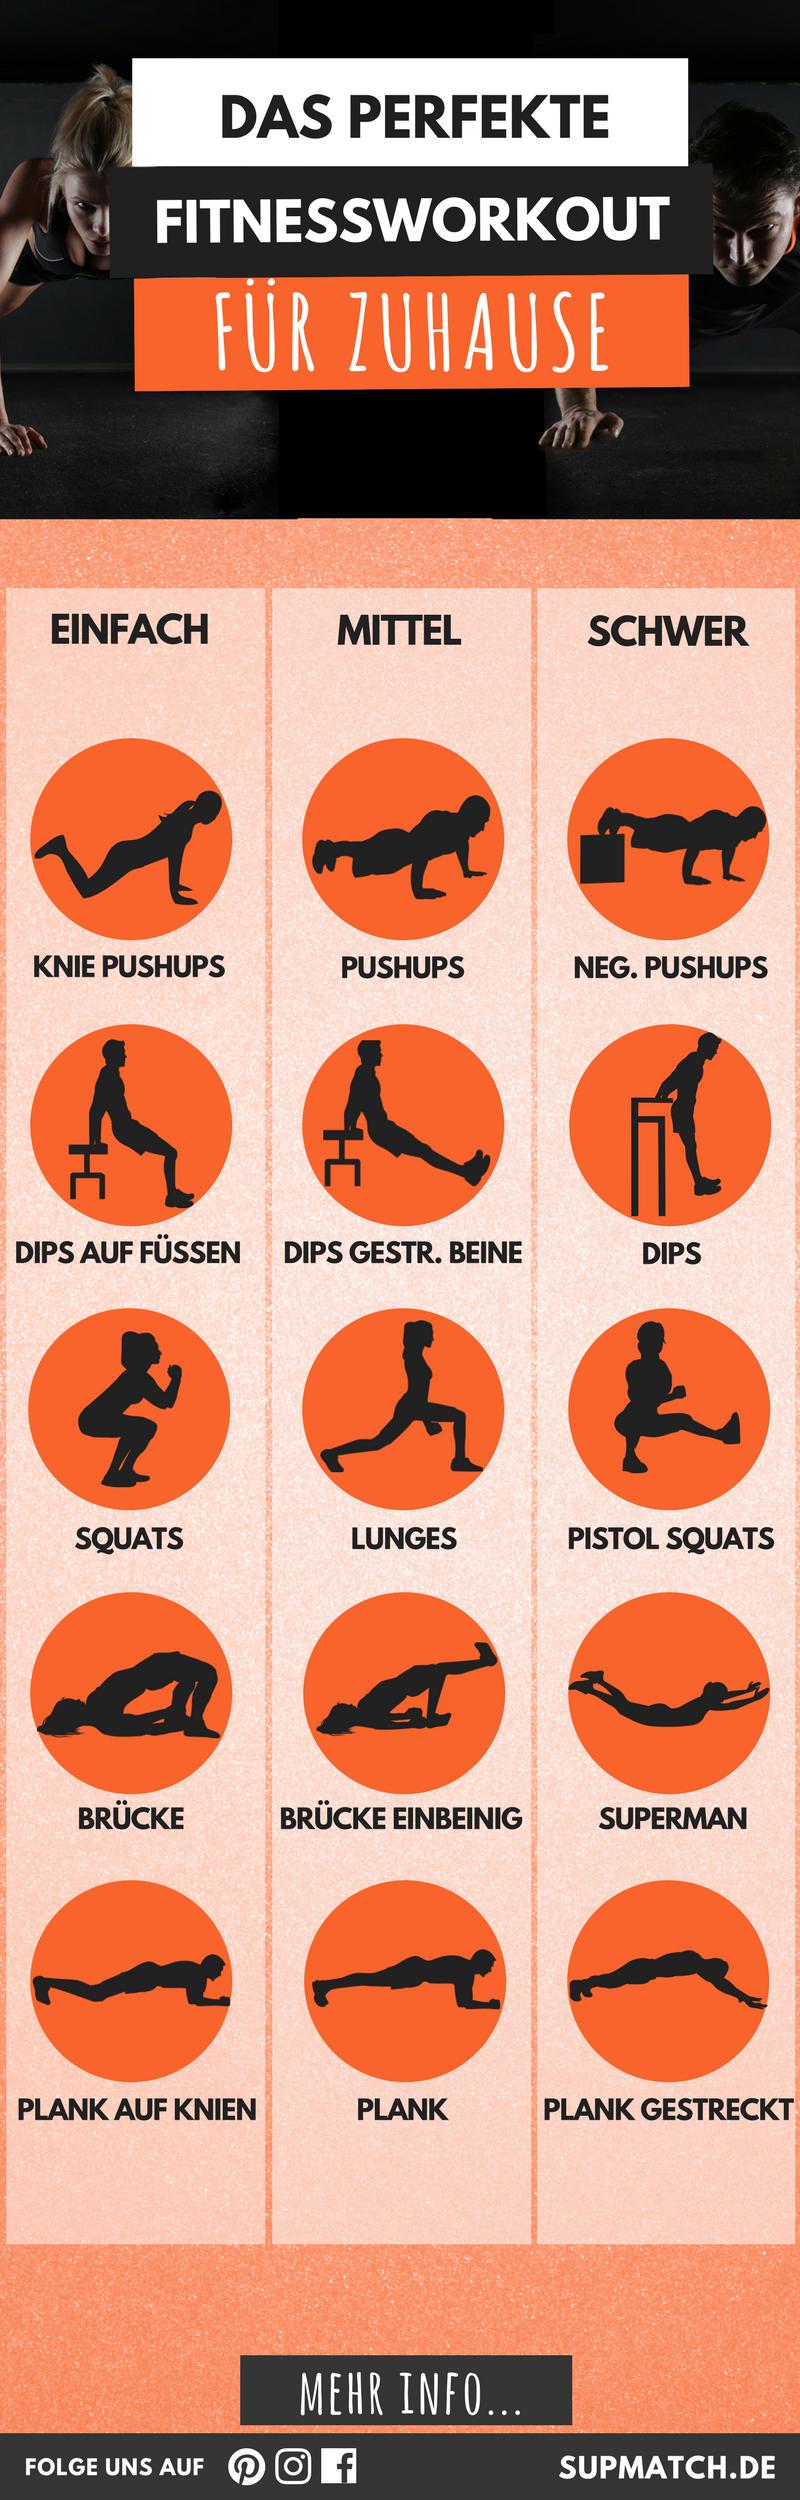 Das Perfekte Fitnessworkout Für Zuhause